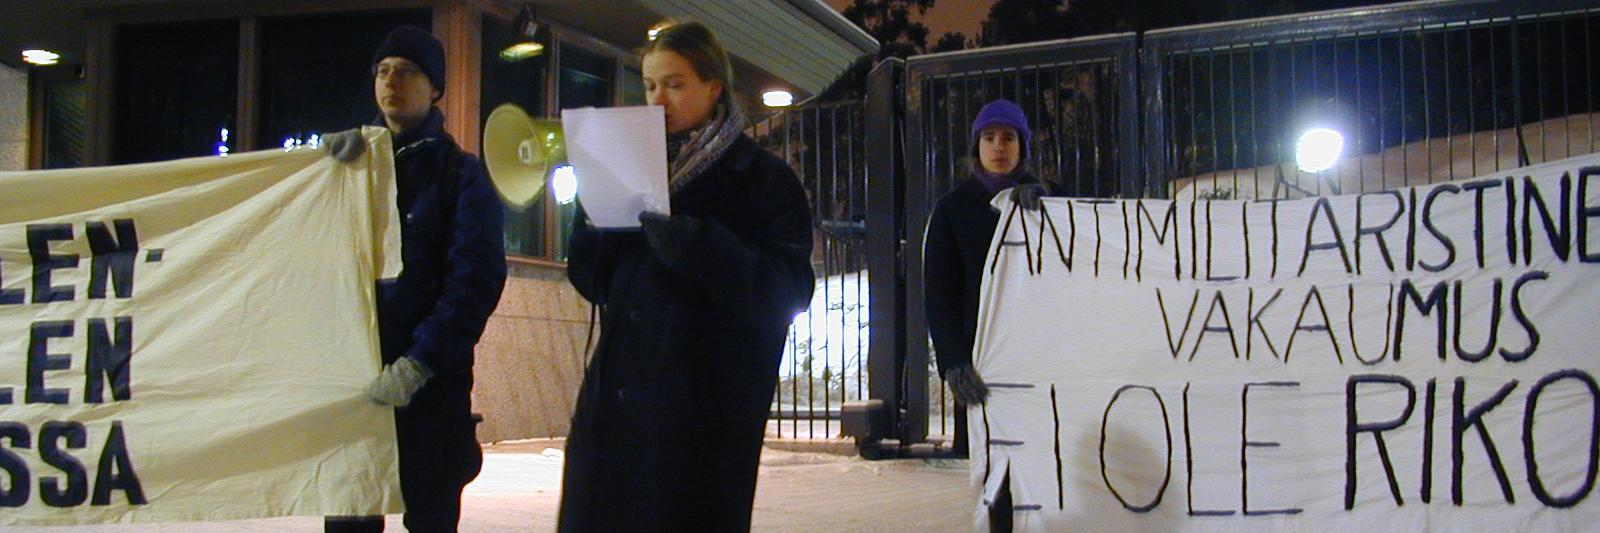 Mielenosoitus Mäntyniemessä